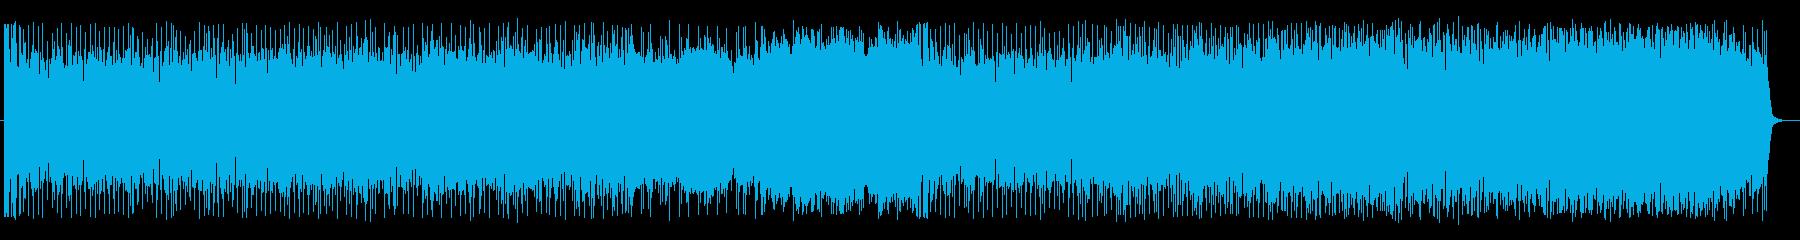 重厚感溢れる戦闘を表現したギターサウンドの再生済みの波形